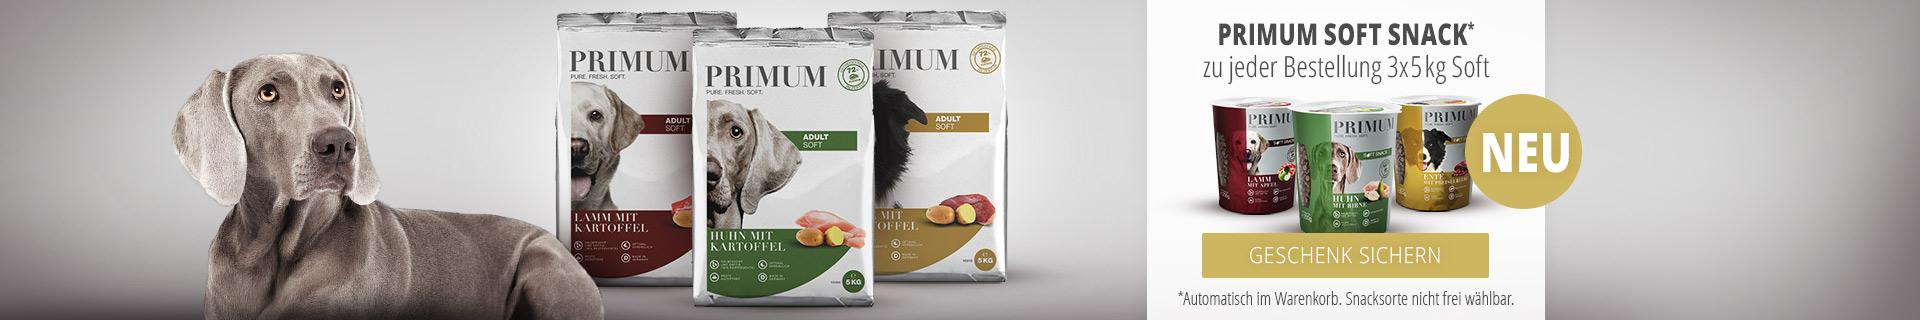 PRIMUM - 3x5kg Softfutter Sack kaufen + PRIMUM Soft Snack gratis